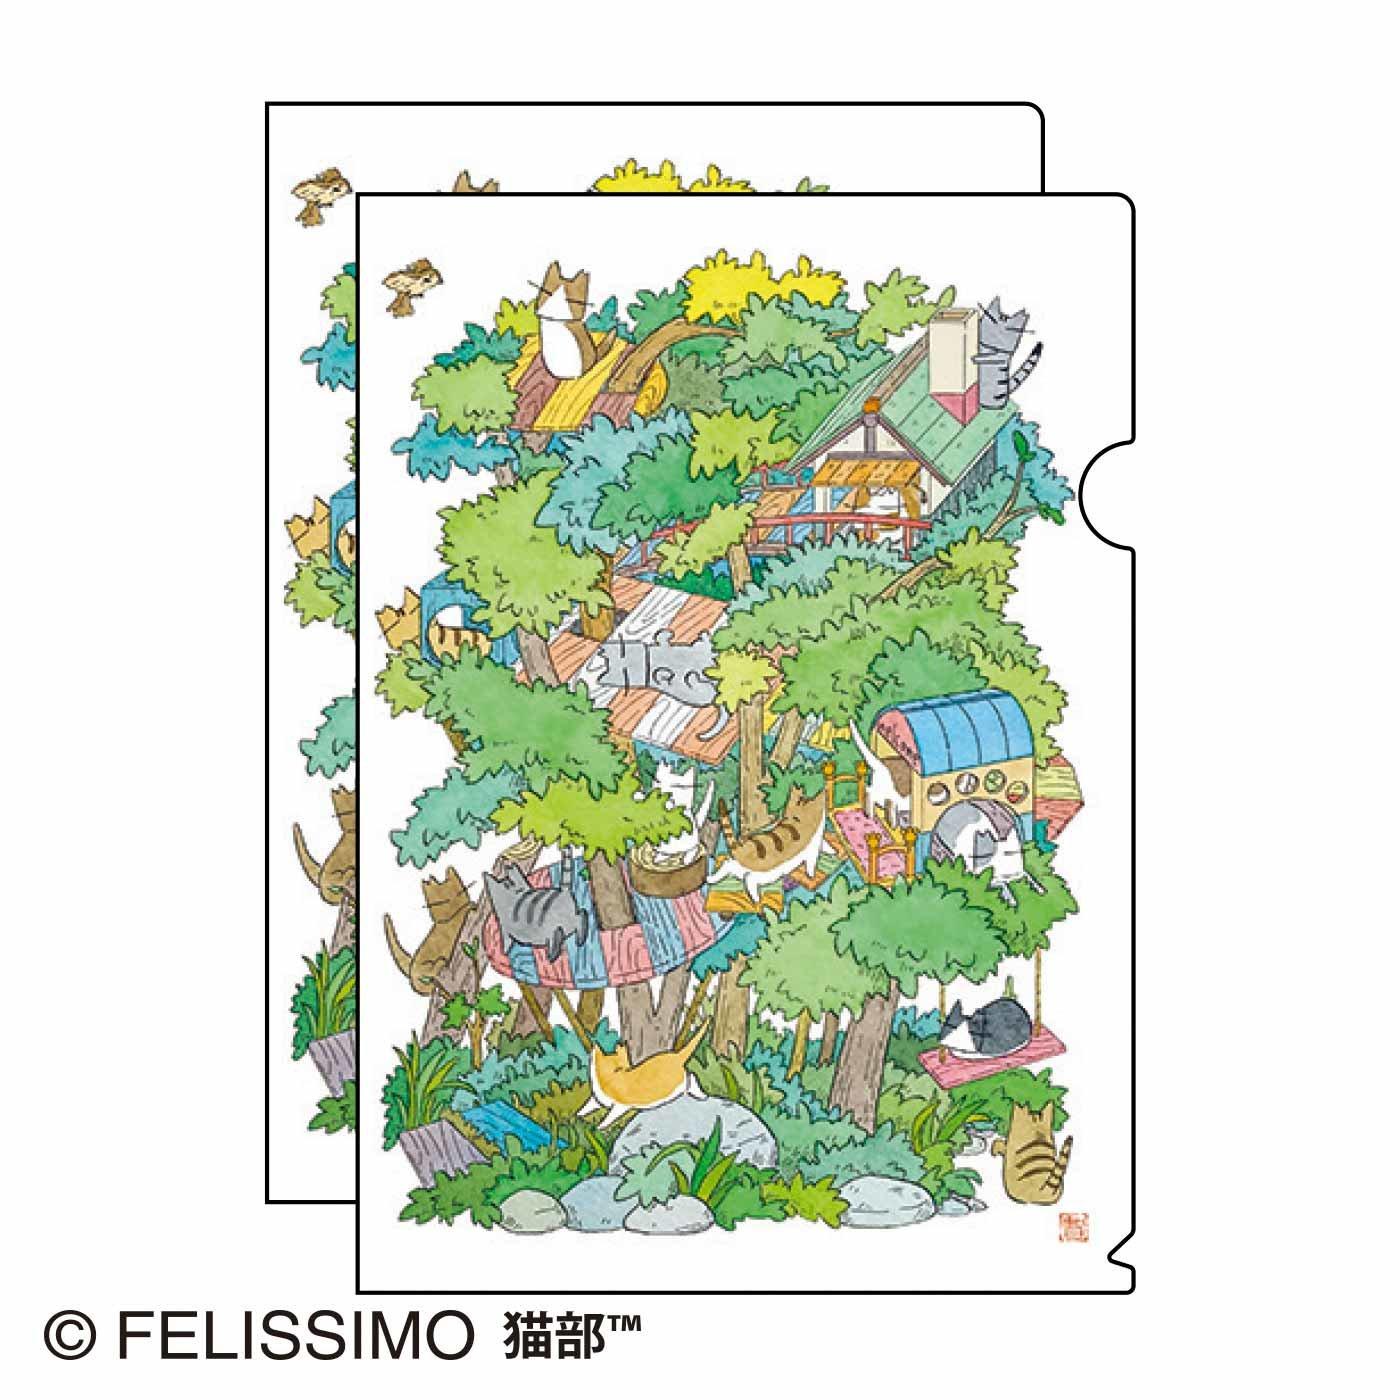 久保智昭×猫部 地域猫チャリティークリアファイル2021